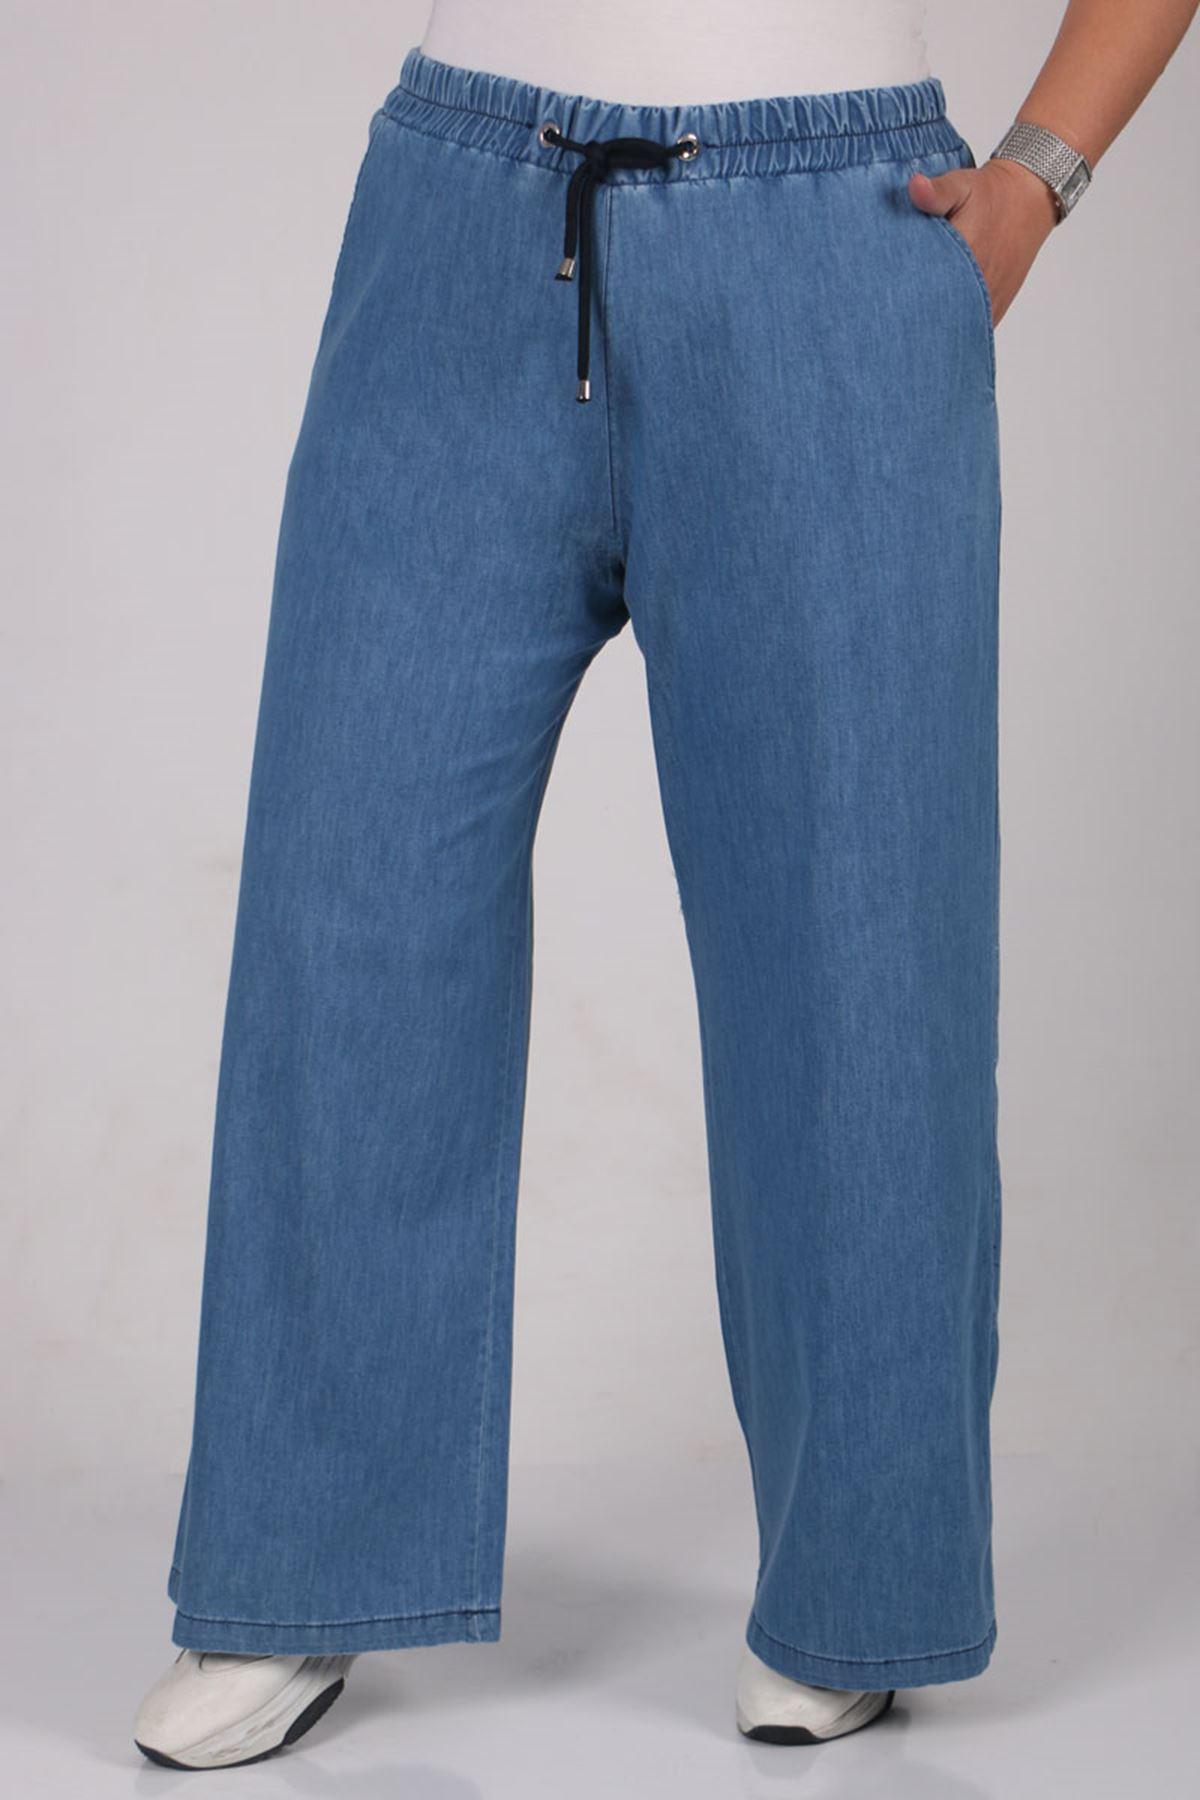 9159 بنطلون جينز واسع الساق و مقاس كبير - كحلي - أزرق فاتح